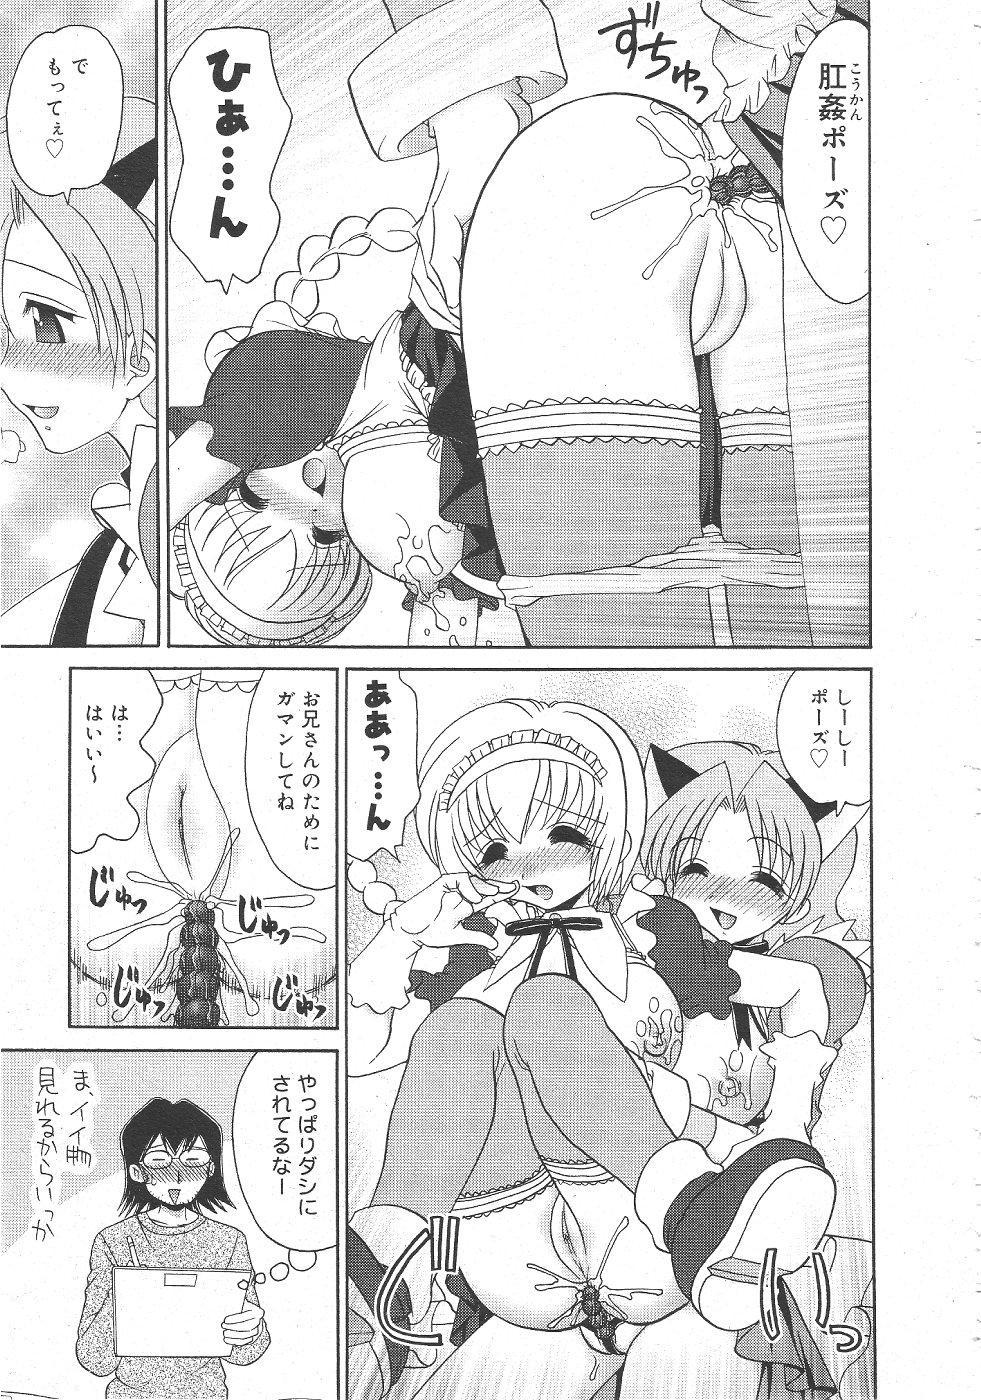 Gekkan Comic Muga 2004-06 Vol.10 60